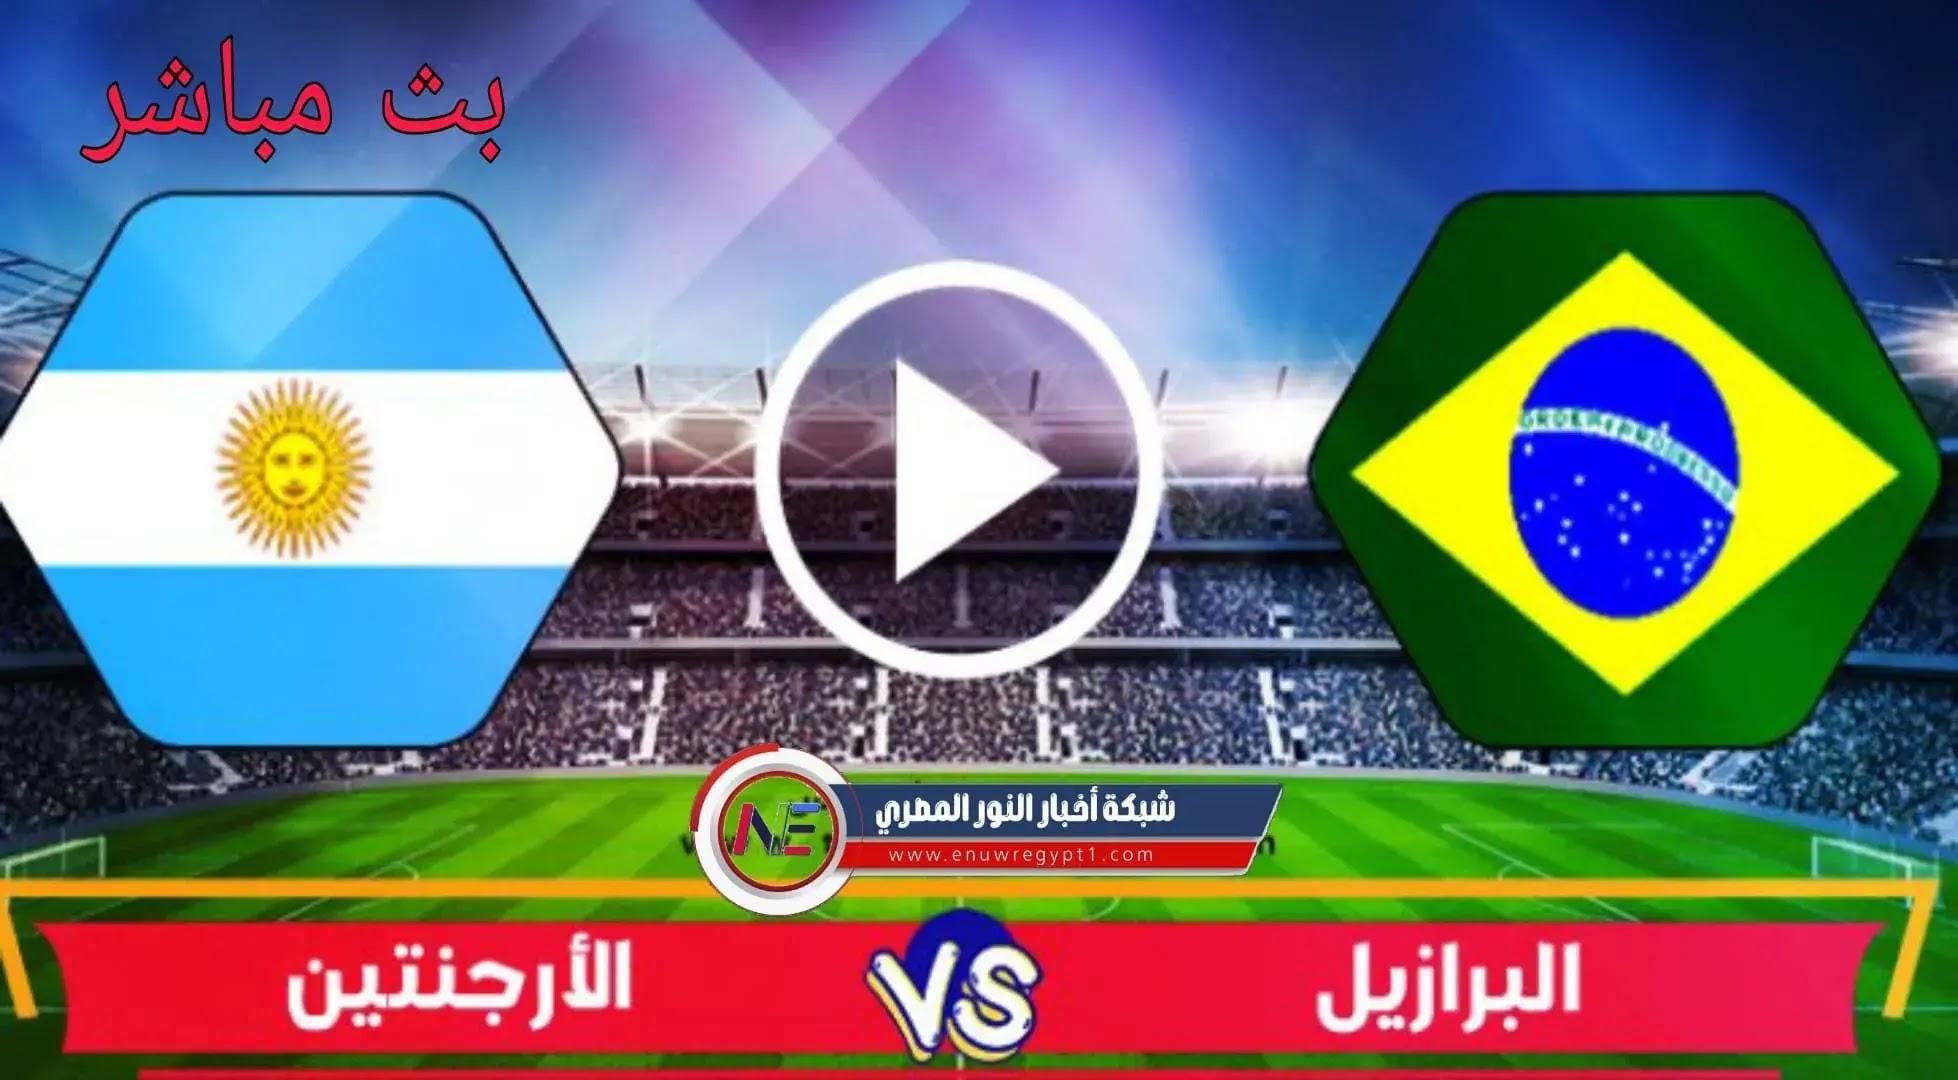 يلا شوت حصري يوتيوب .. بث مباشر مشاهدة مباراة البرازيل و الارجنتين بث مباشر اليوم 05-09-2021 لايف في تصفيات كأس العالم